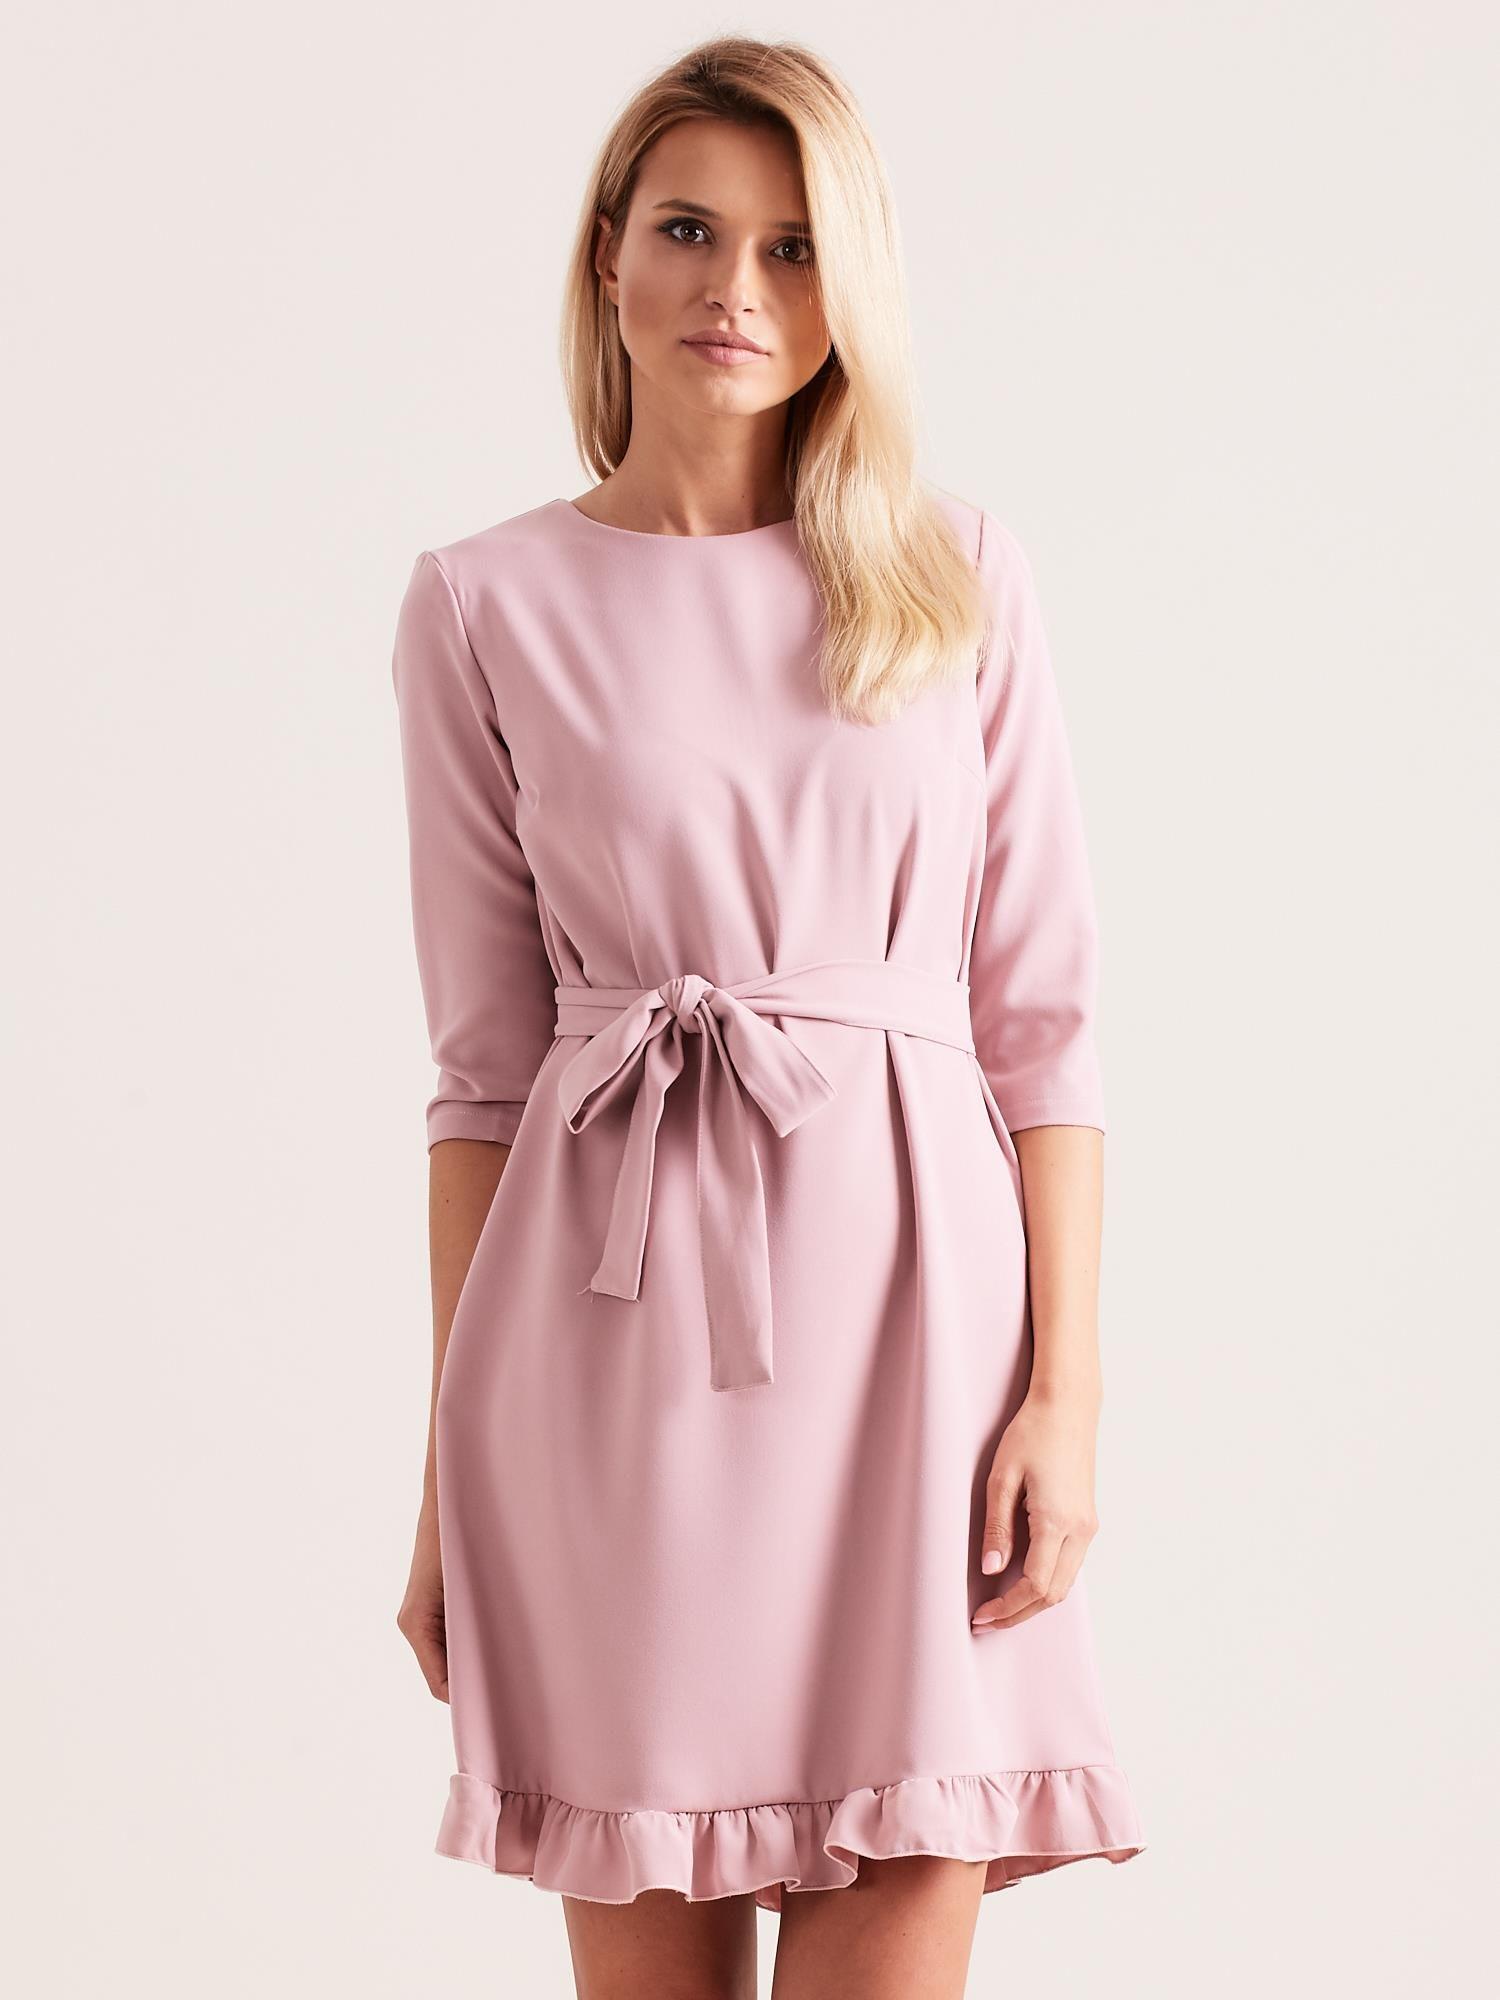 bda67201 Jasnoróżowa sukienka z wiązaniem i falbanami